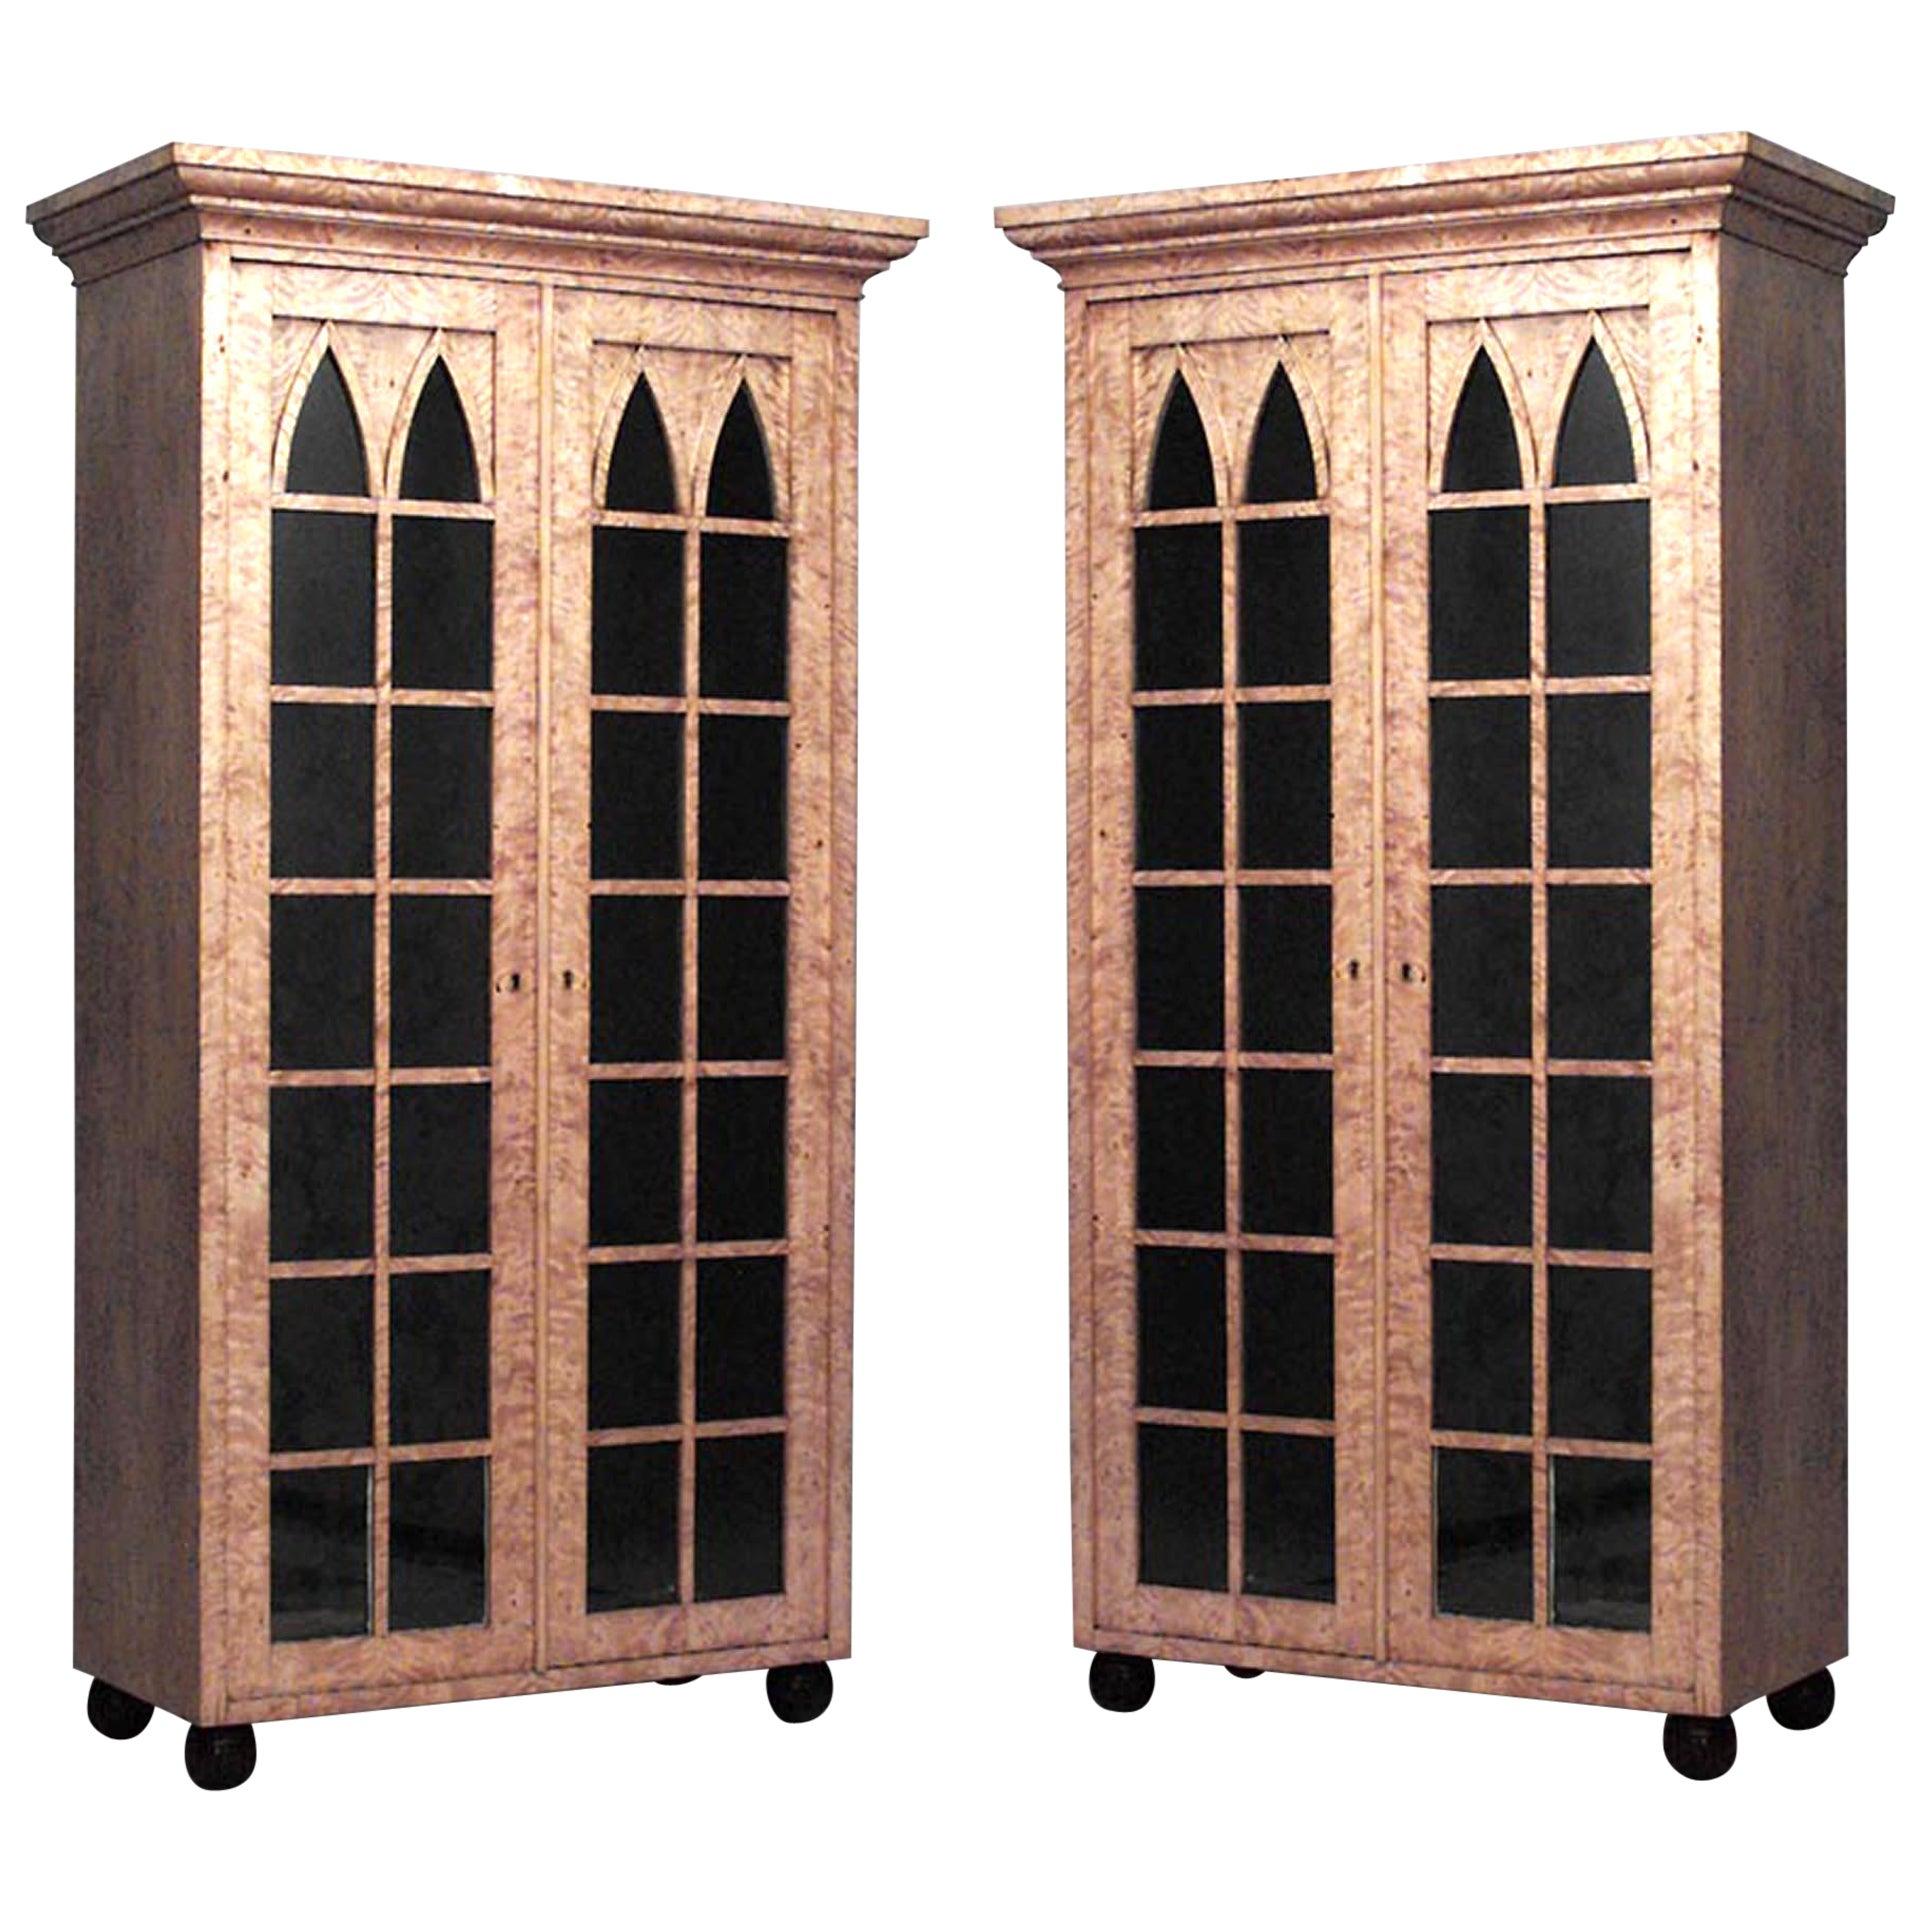 Pair of 19th Century German Biedermeier Birch Bookcase Cabinets